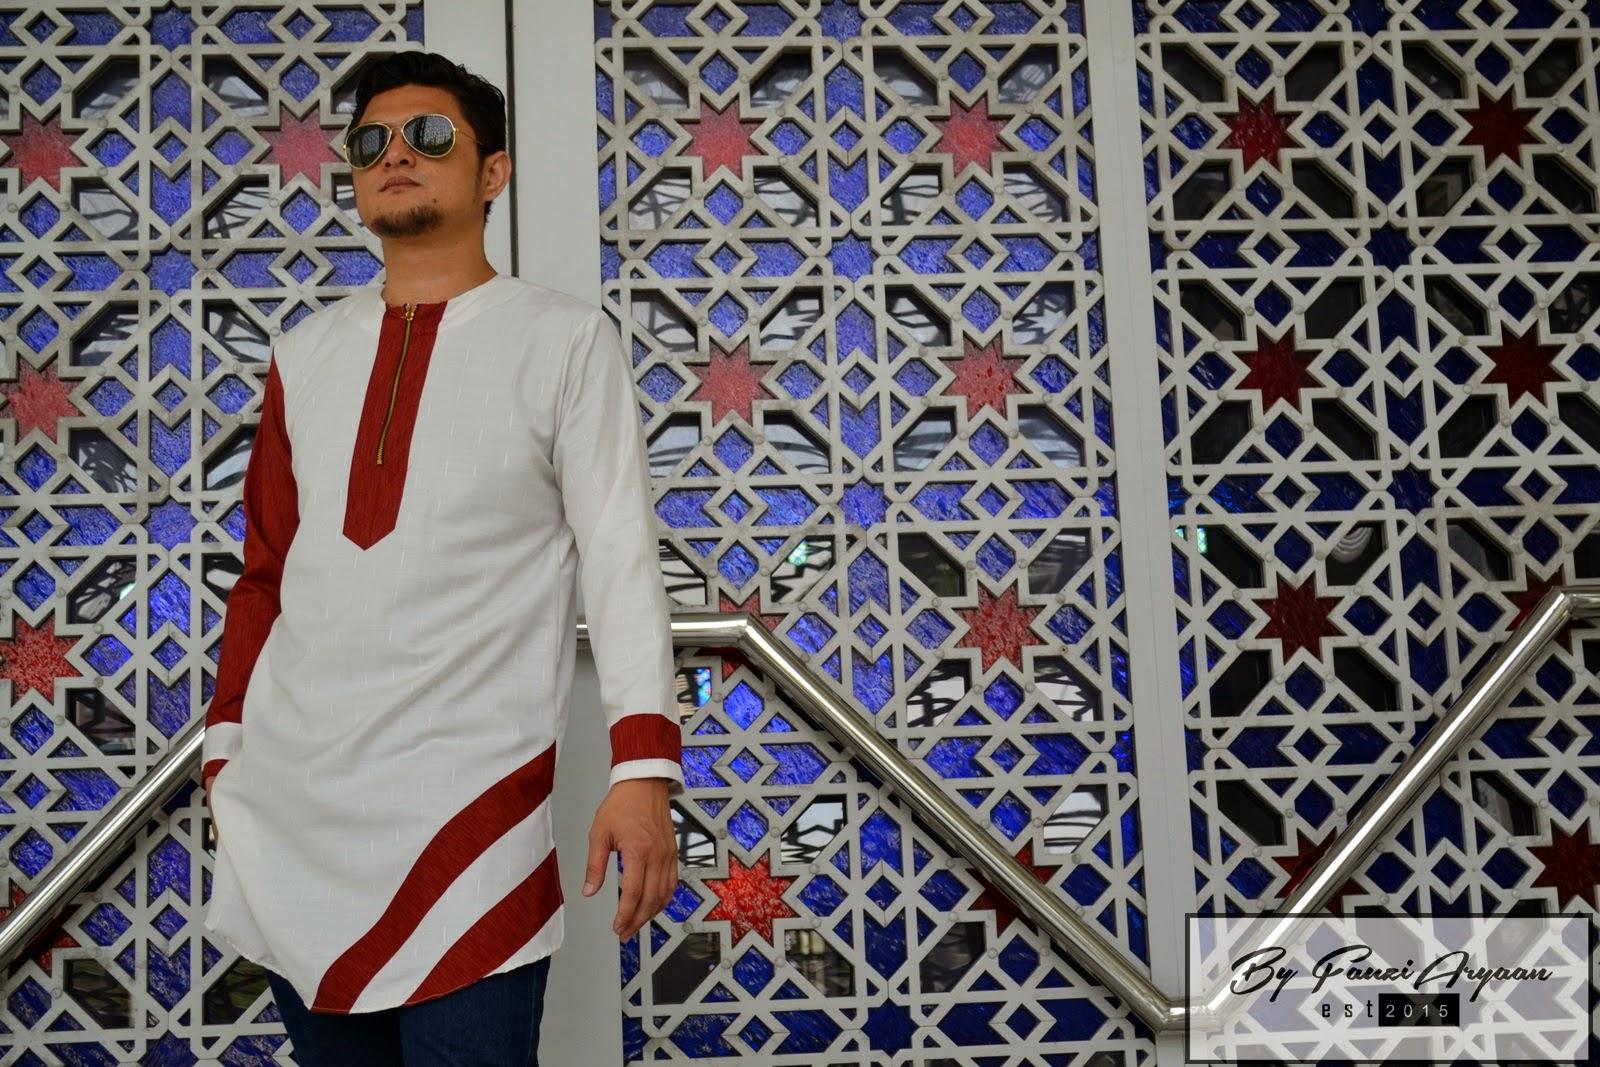 Kurta By Fauzi Aryaan